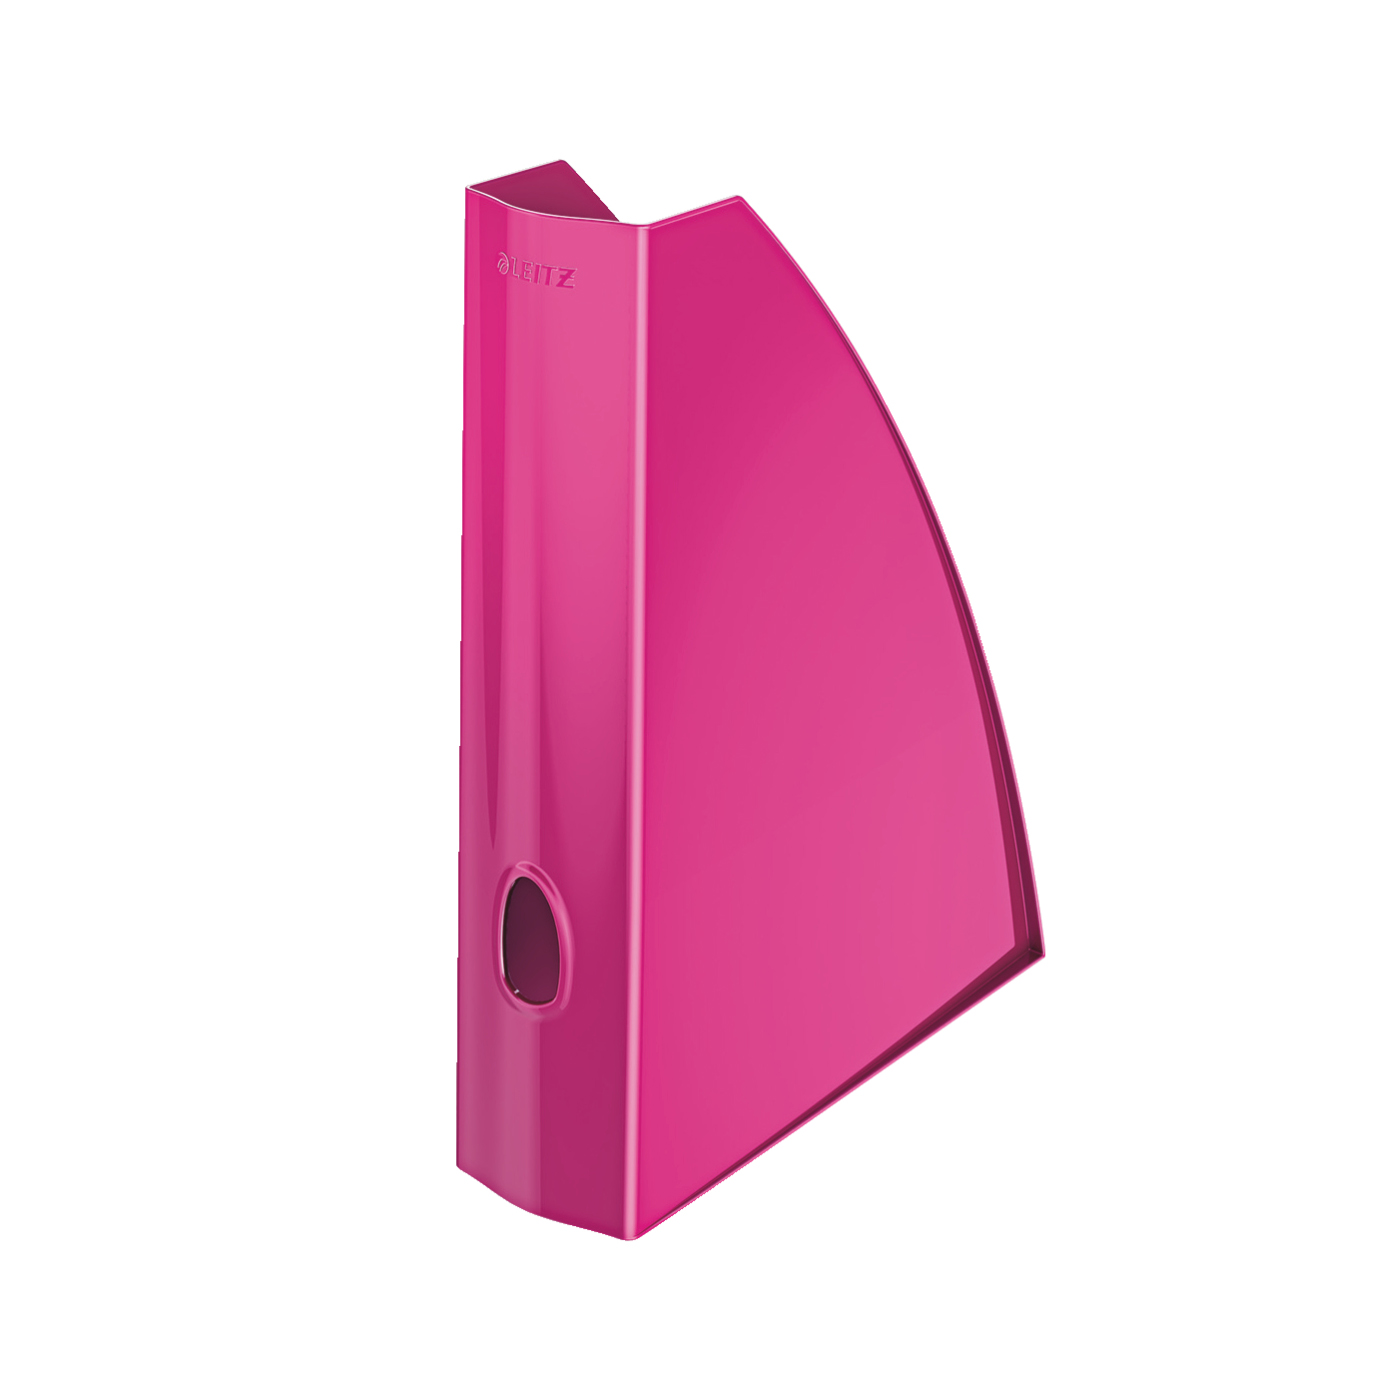 Leitz WOW Magazine File A4 Metallic Pink Ref 52771023